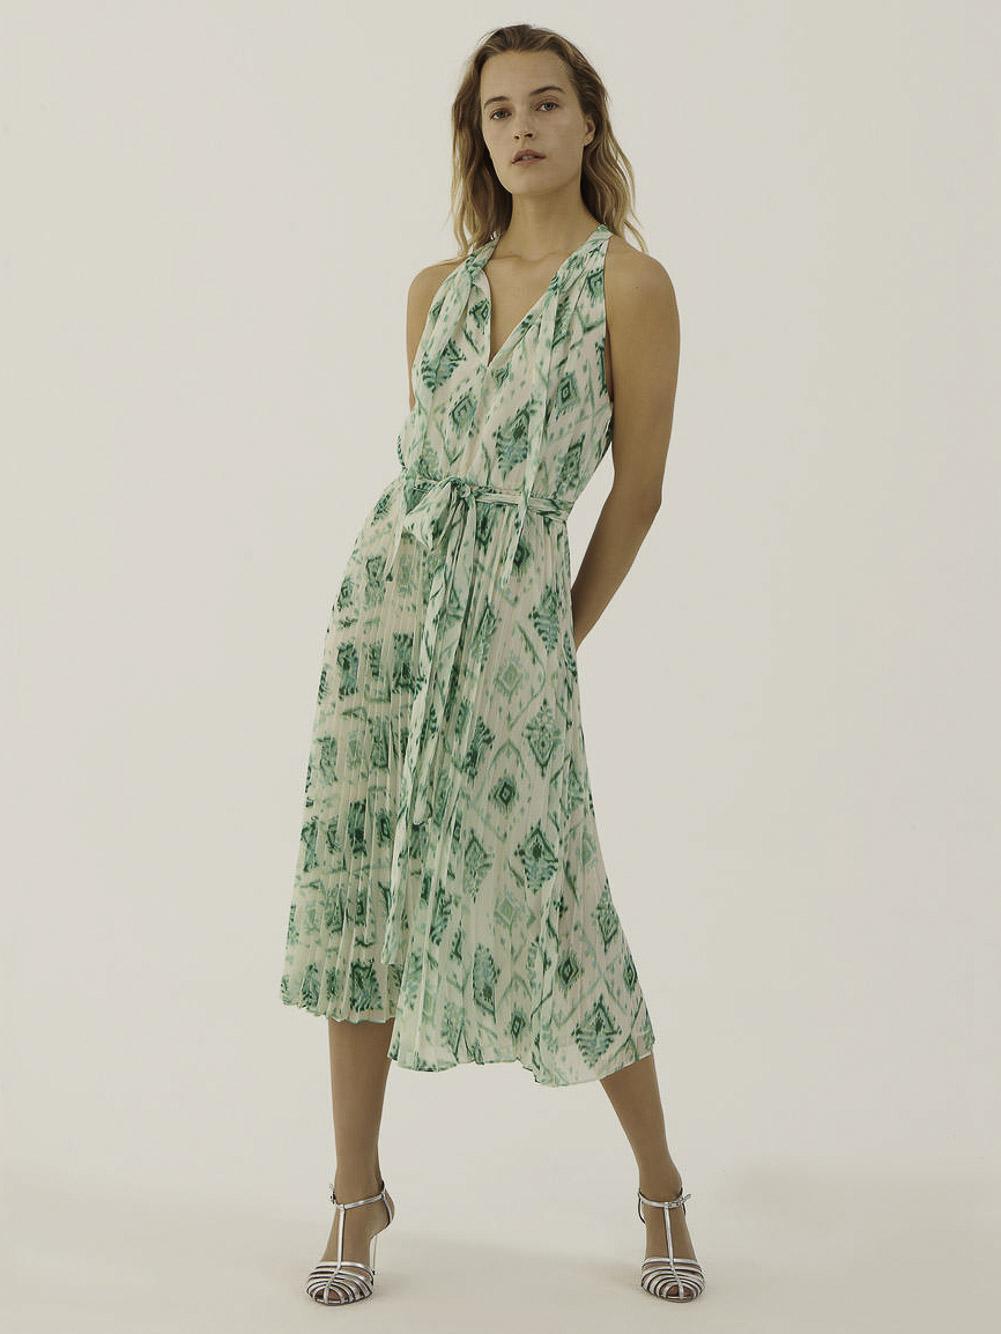 Marella Φόρεμα ORANO 32213712 GREEN